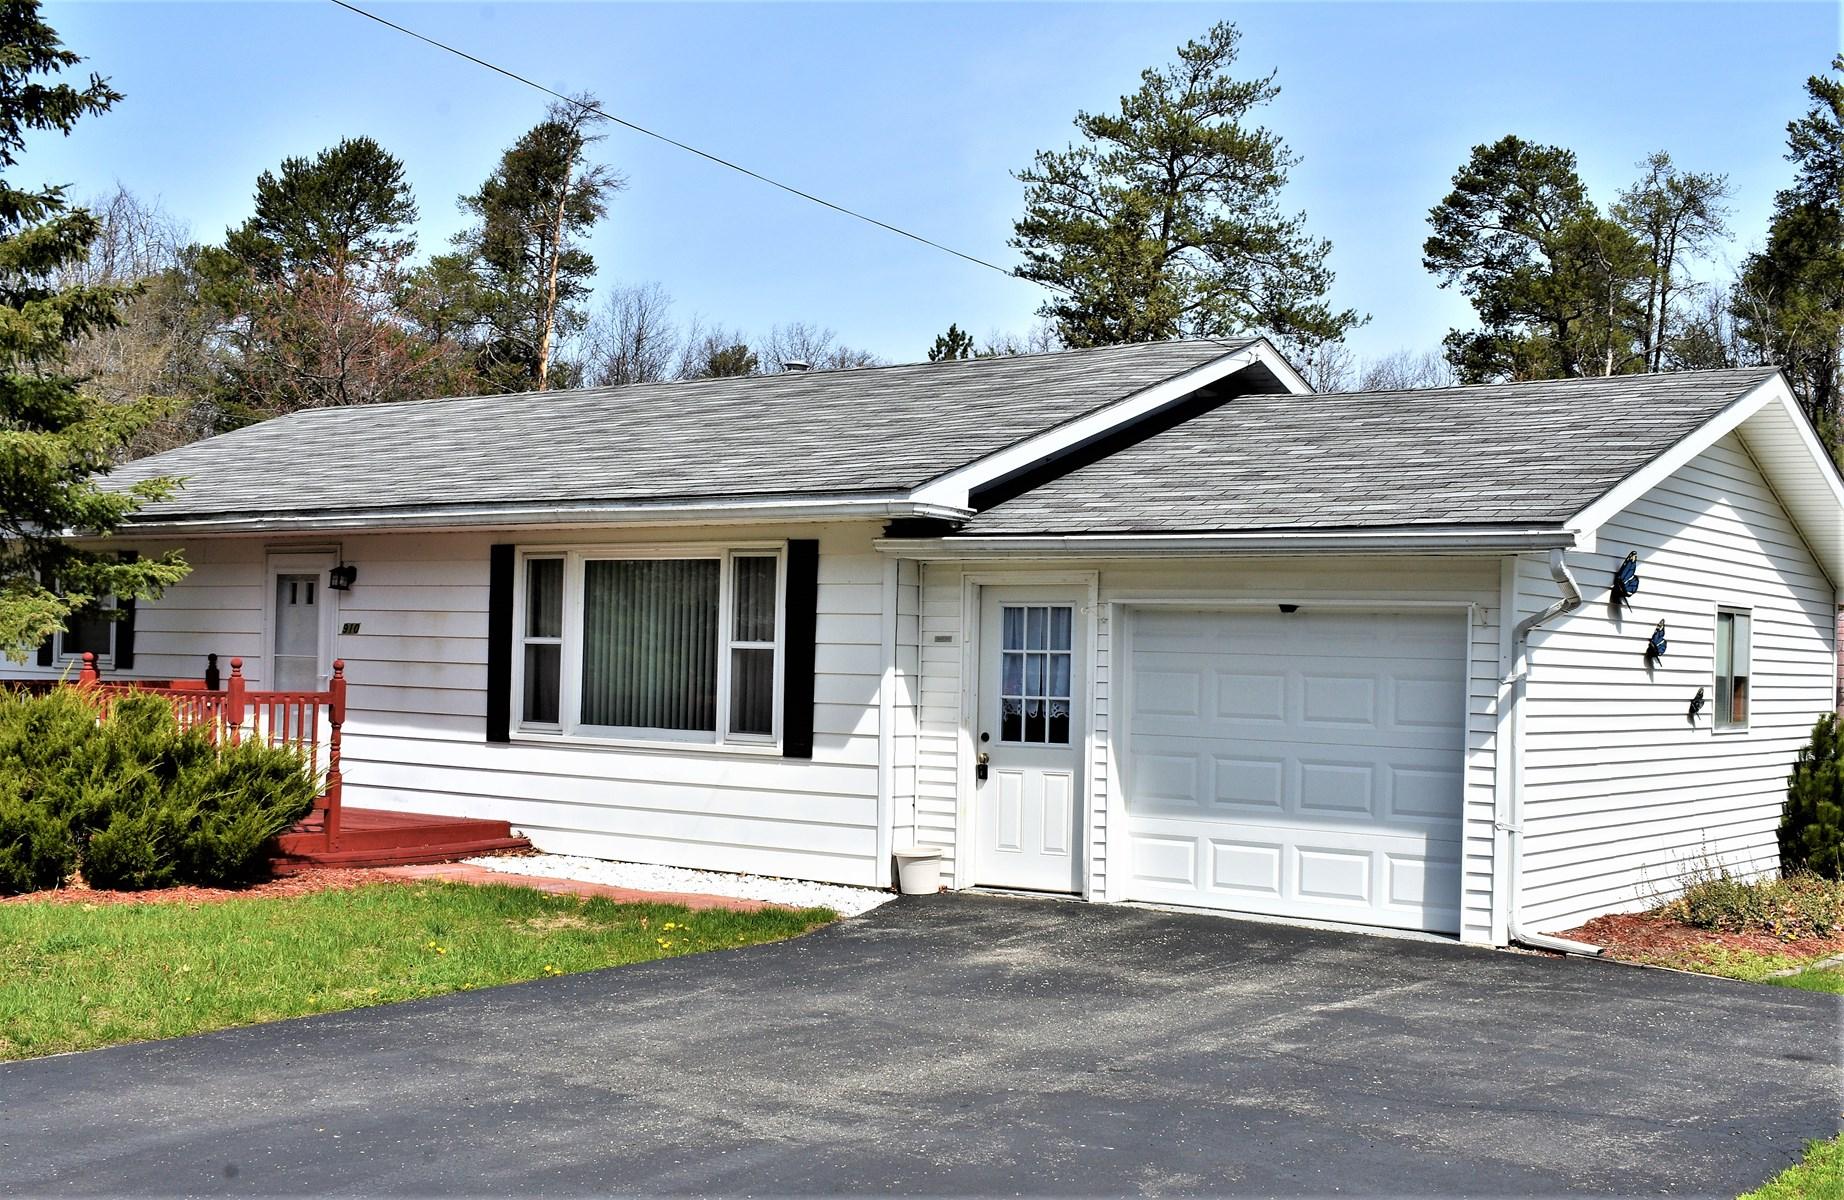 Michigan Home for sale in Mio near Au Sable River, Oscoda Co